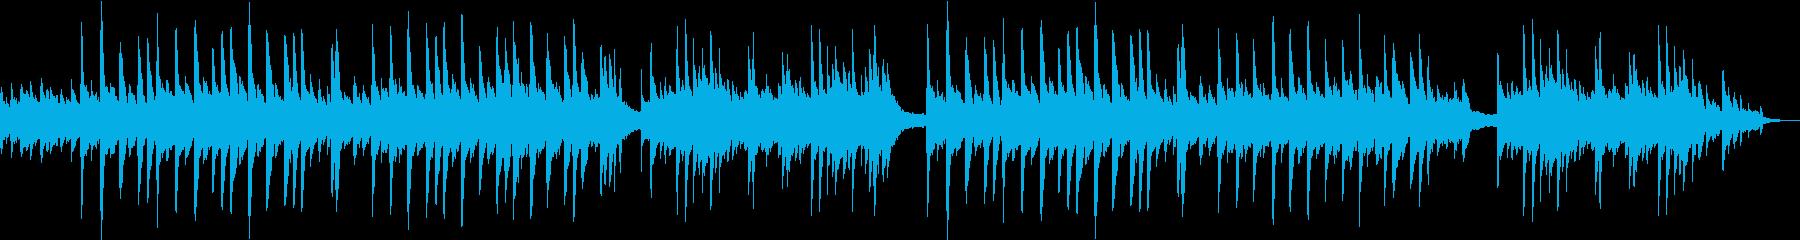 優しいイメージのソロピアノ曲の再生済みの波形